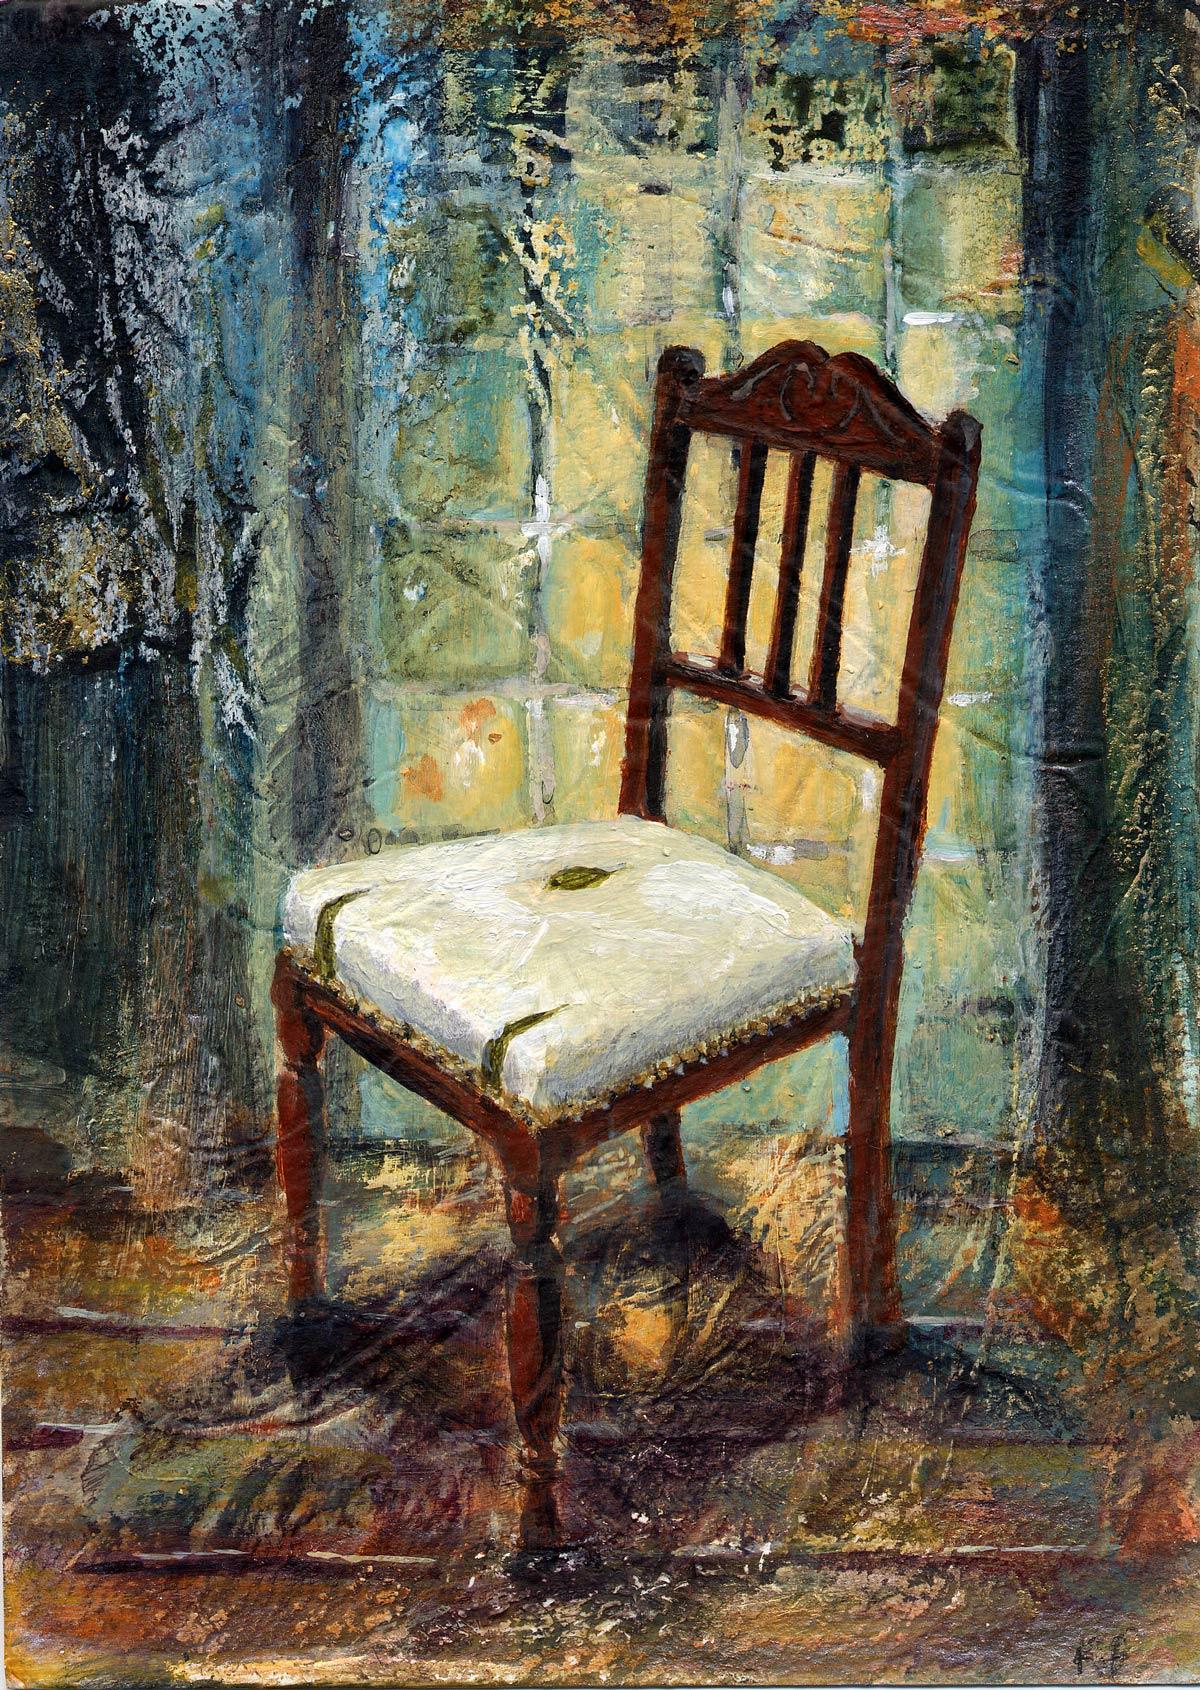 Louise's Chair IV 18 x 12.5 cm